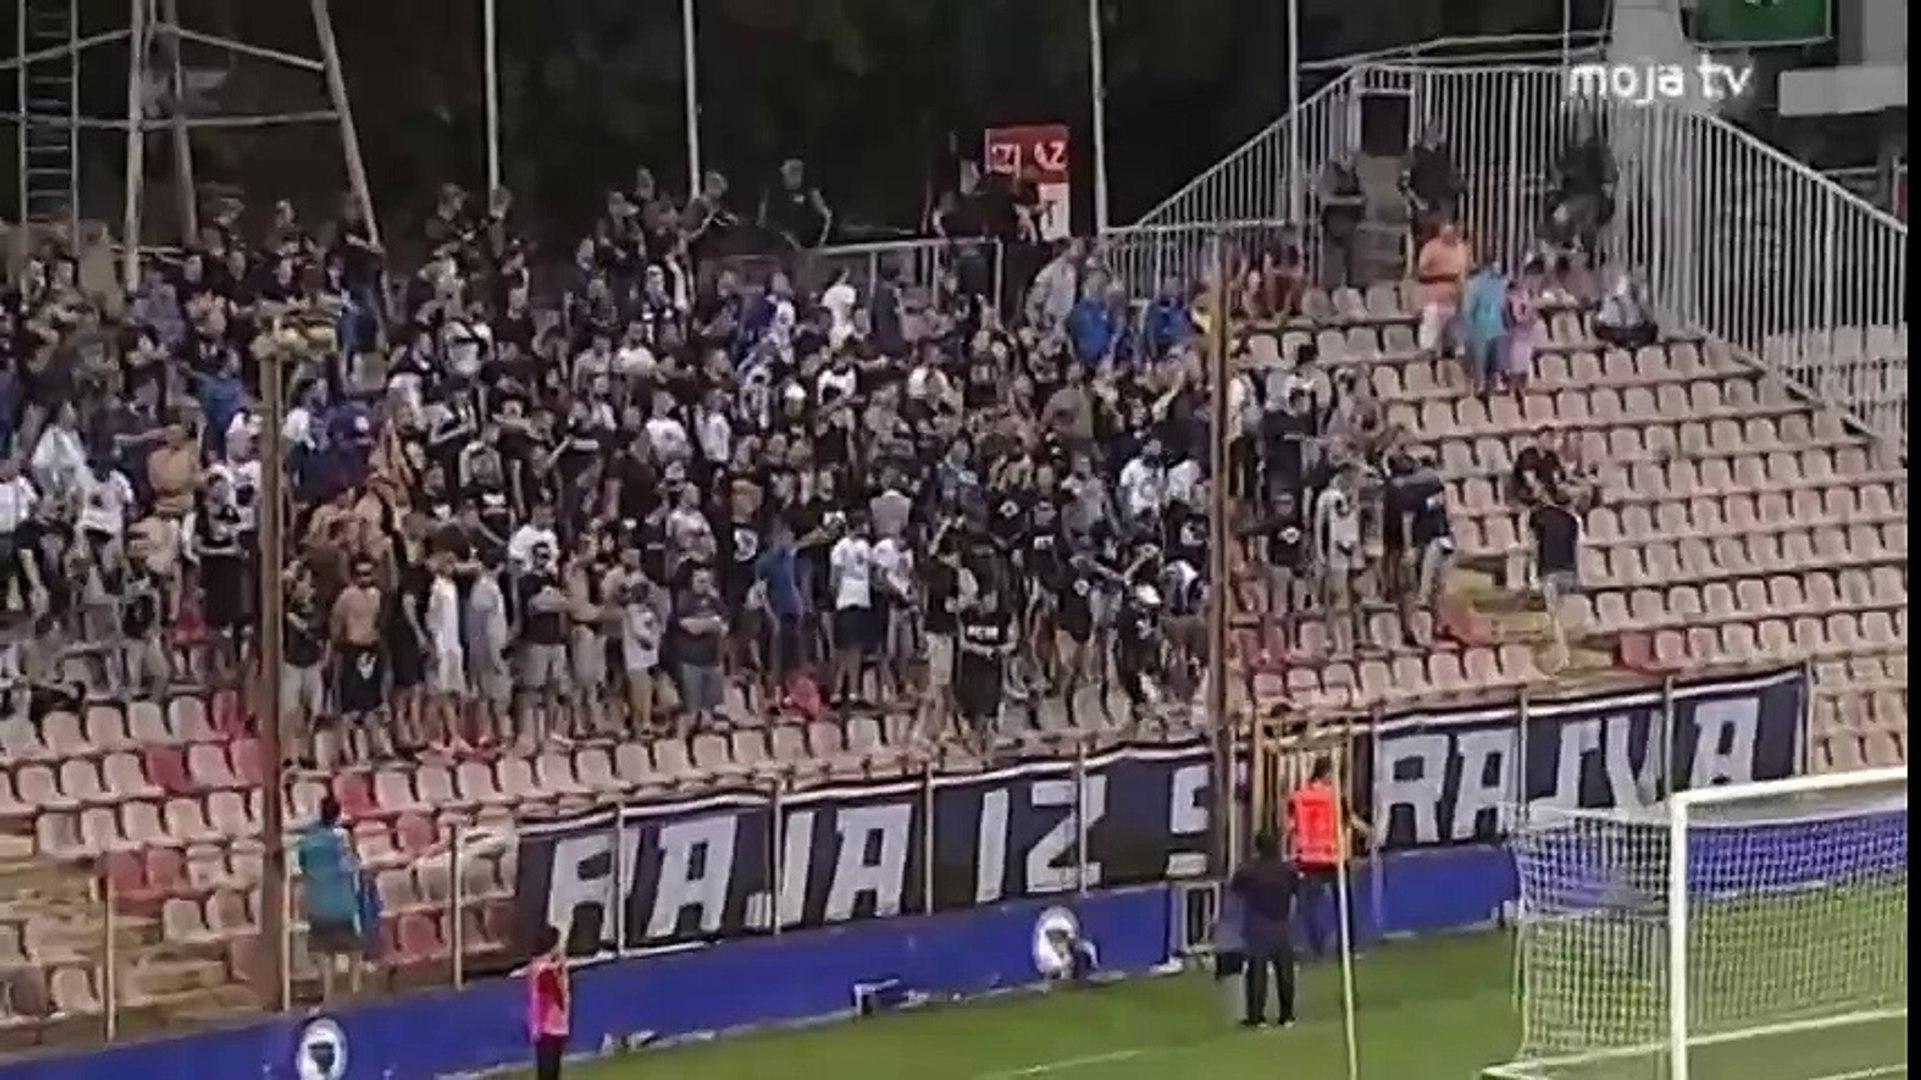 NK Čelik - FK Željezničar / Robijaši - Manijaci